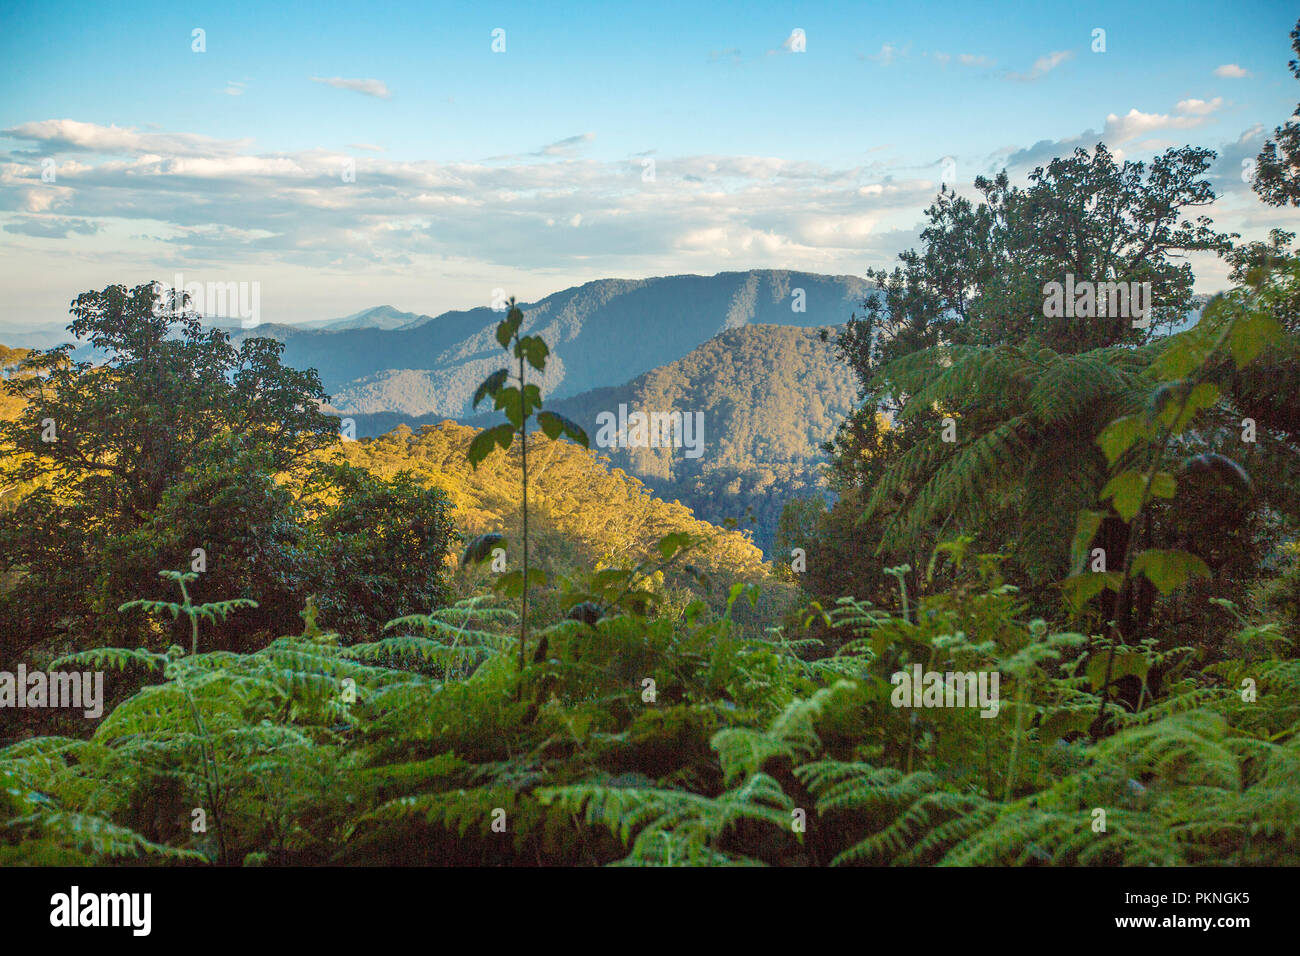 Blick auf steile, bewaldete Gipfel der Great Dividing Range steigen in den blauen Himmel in der Nähe von dorrigo im Norden von NSW Australien Stockbild